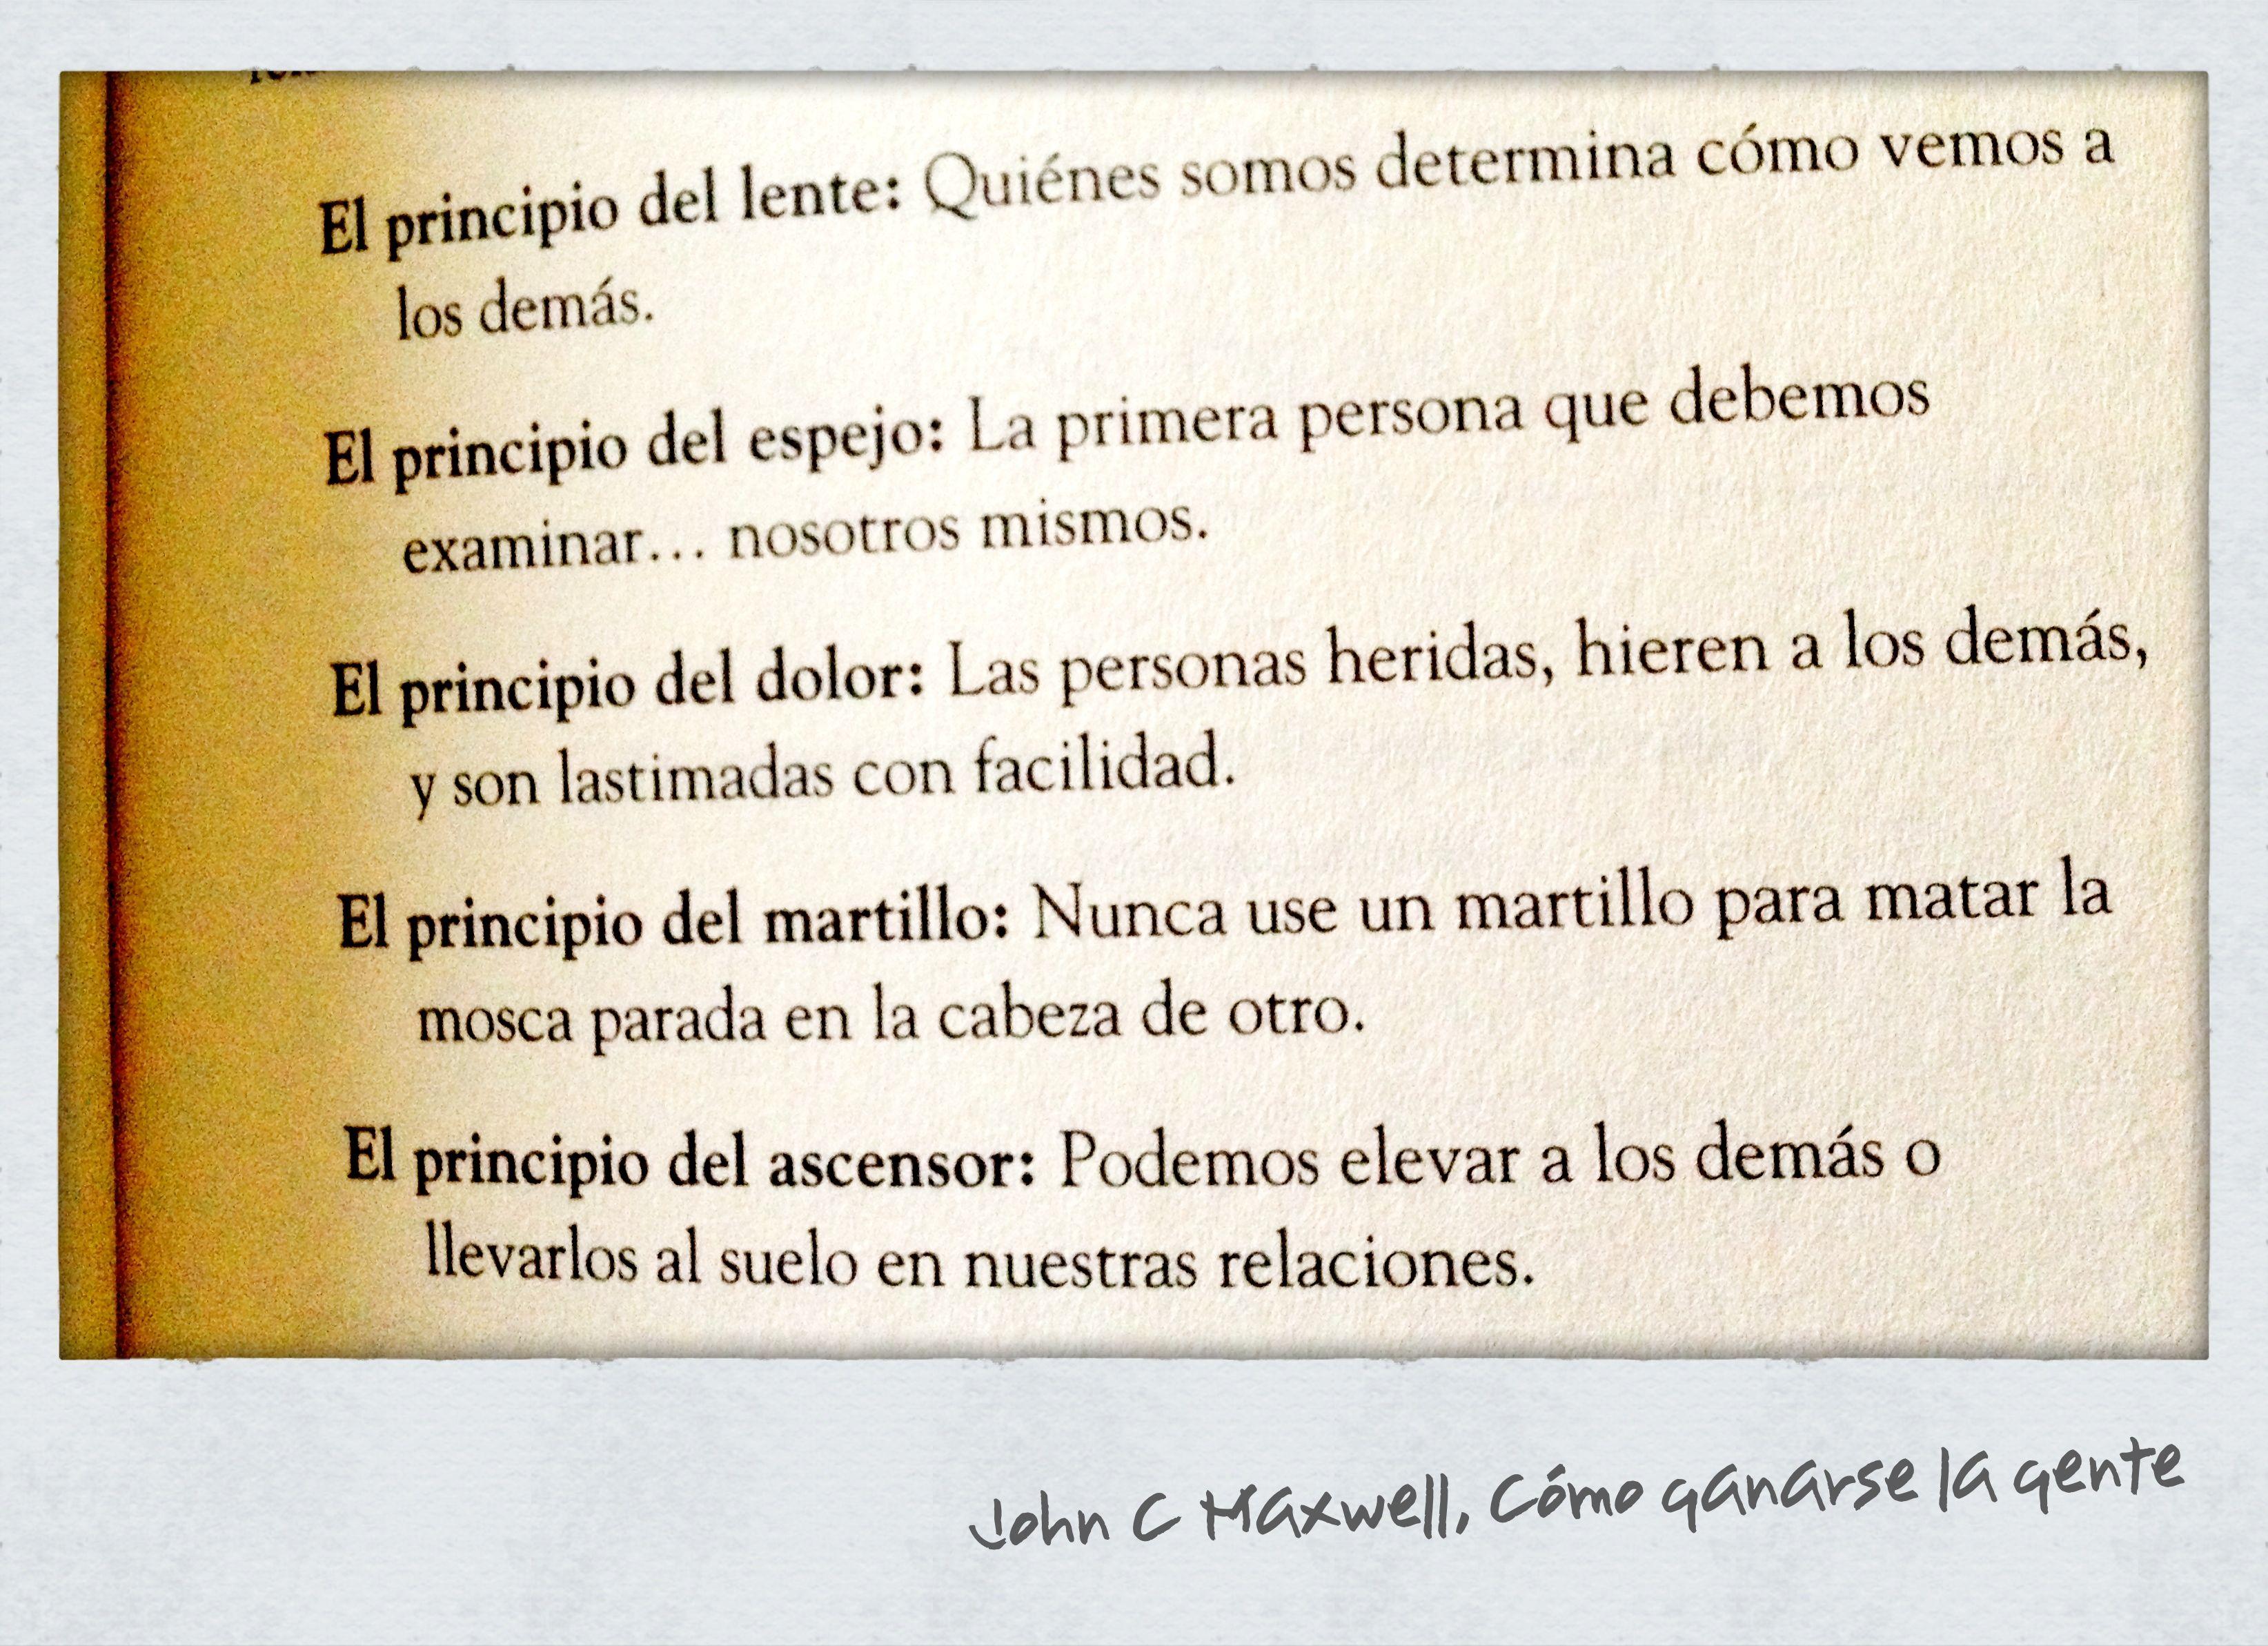 Frase Del Libro Cómo Ganarse La Gente Del Autor John C